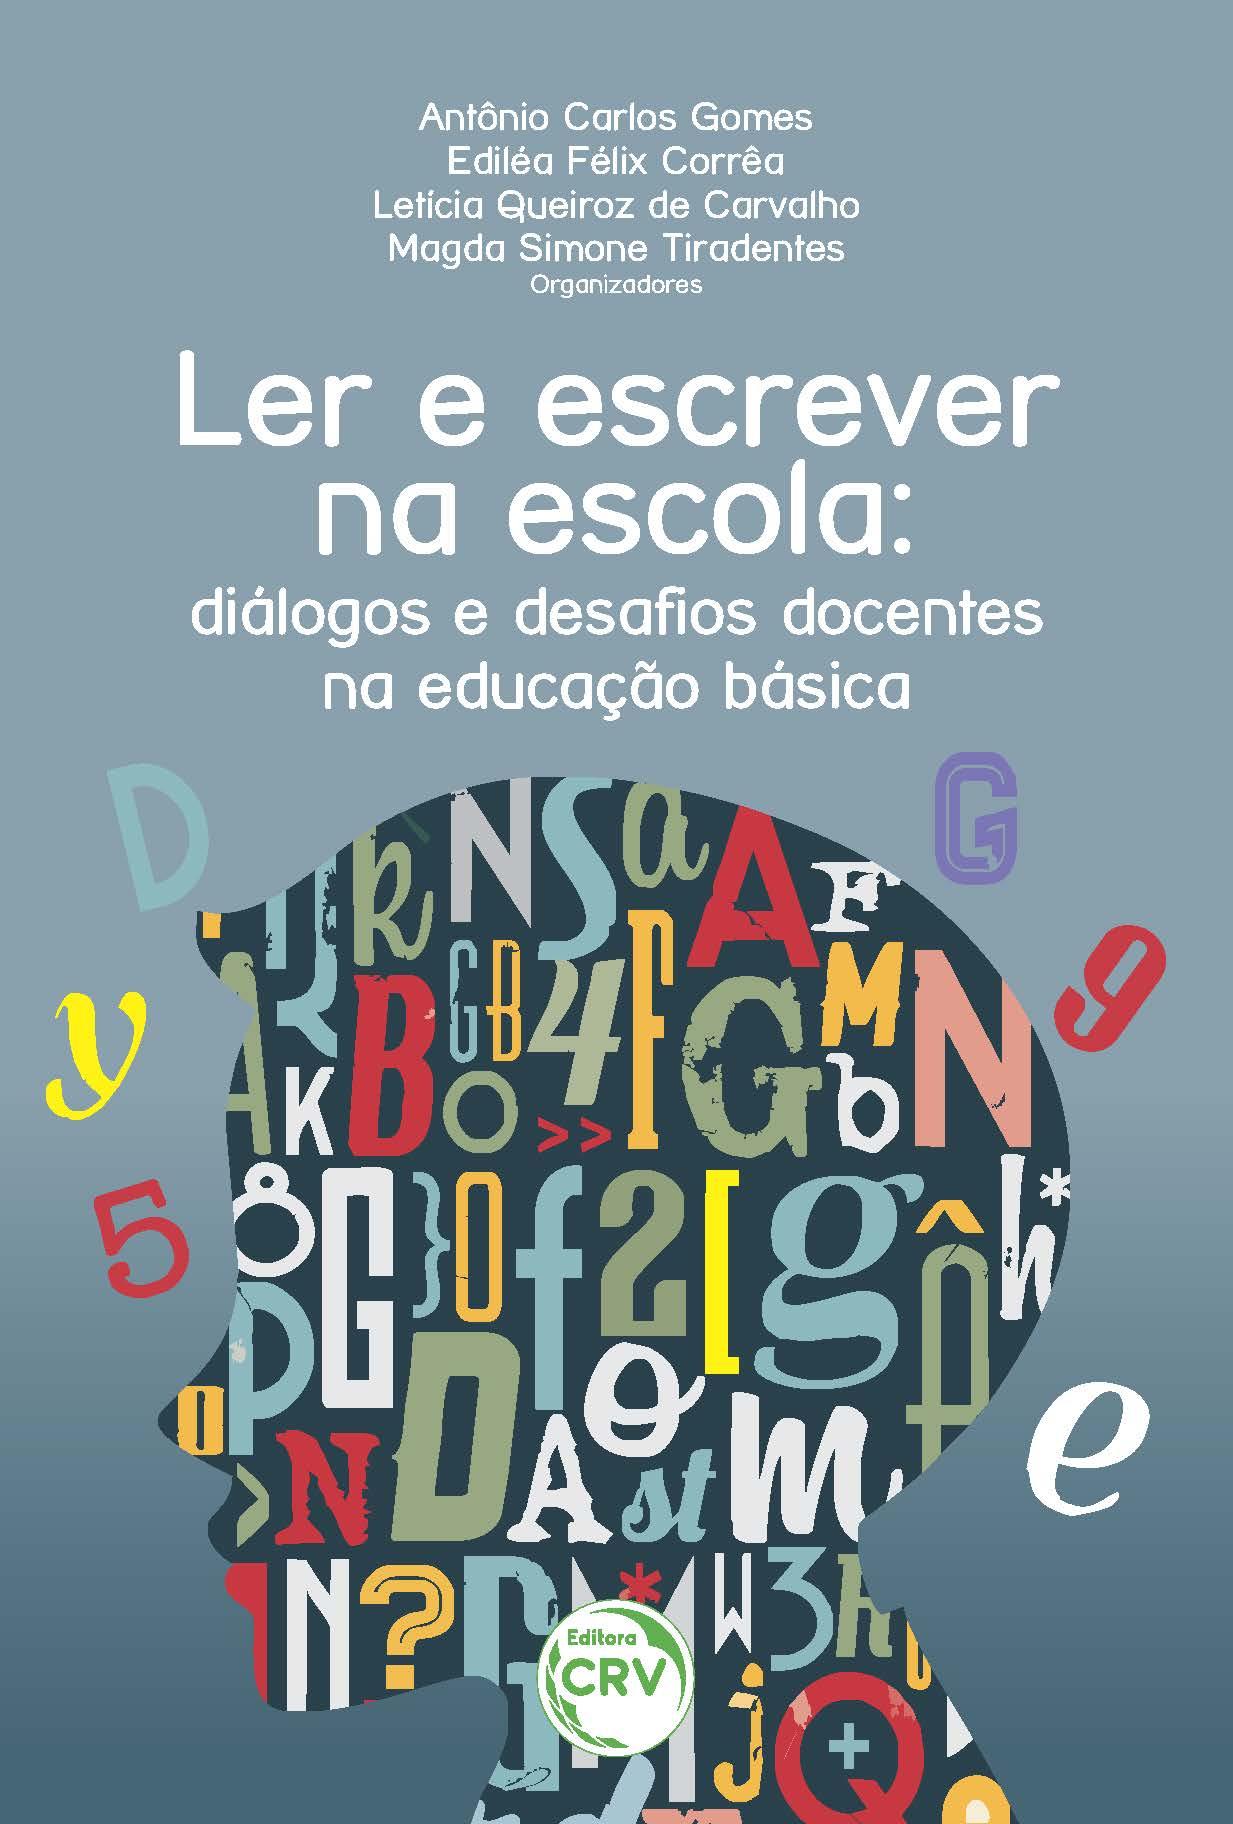 Capa do livro: LER E ESCREVER NA ESCOLA:<br>diálogos e desafios docentes na educação básica